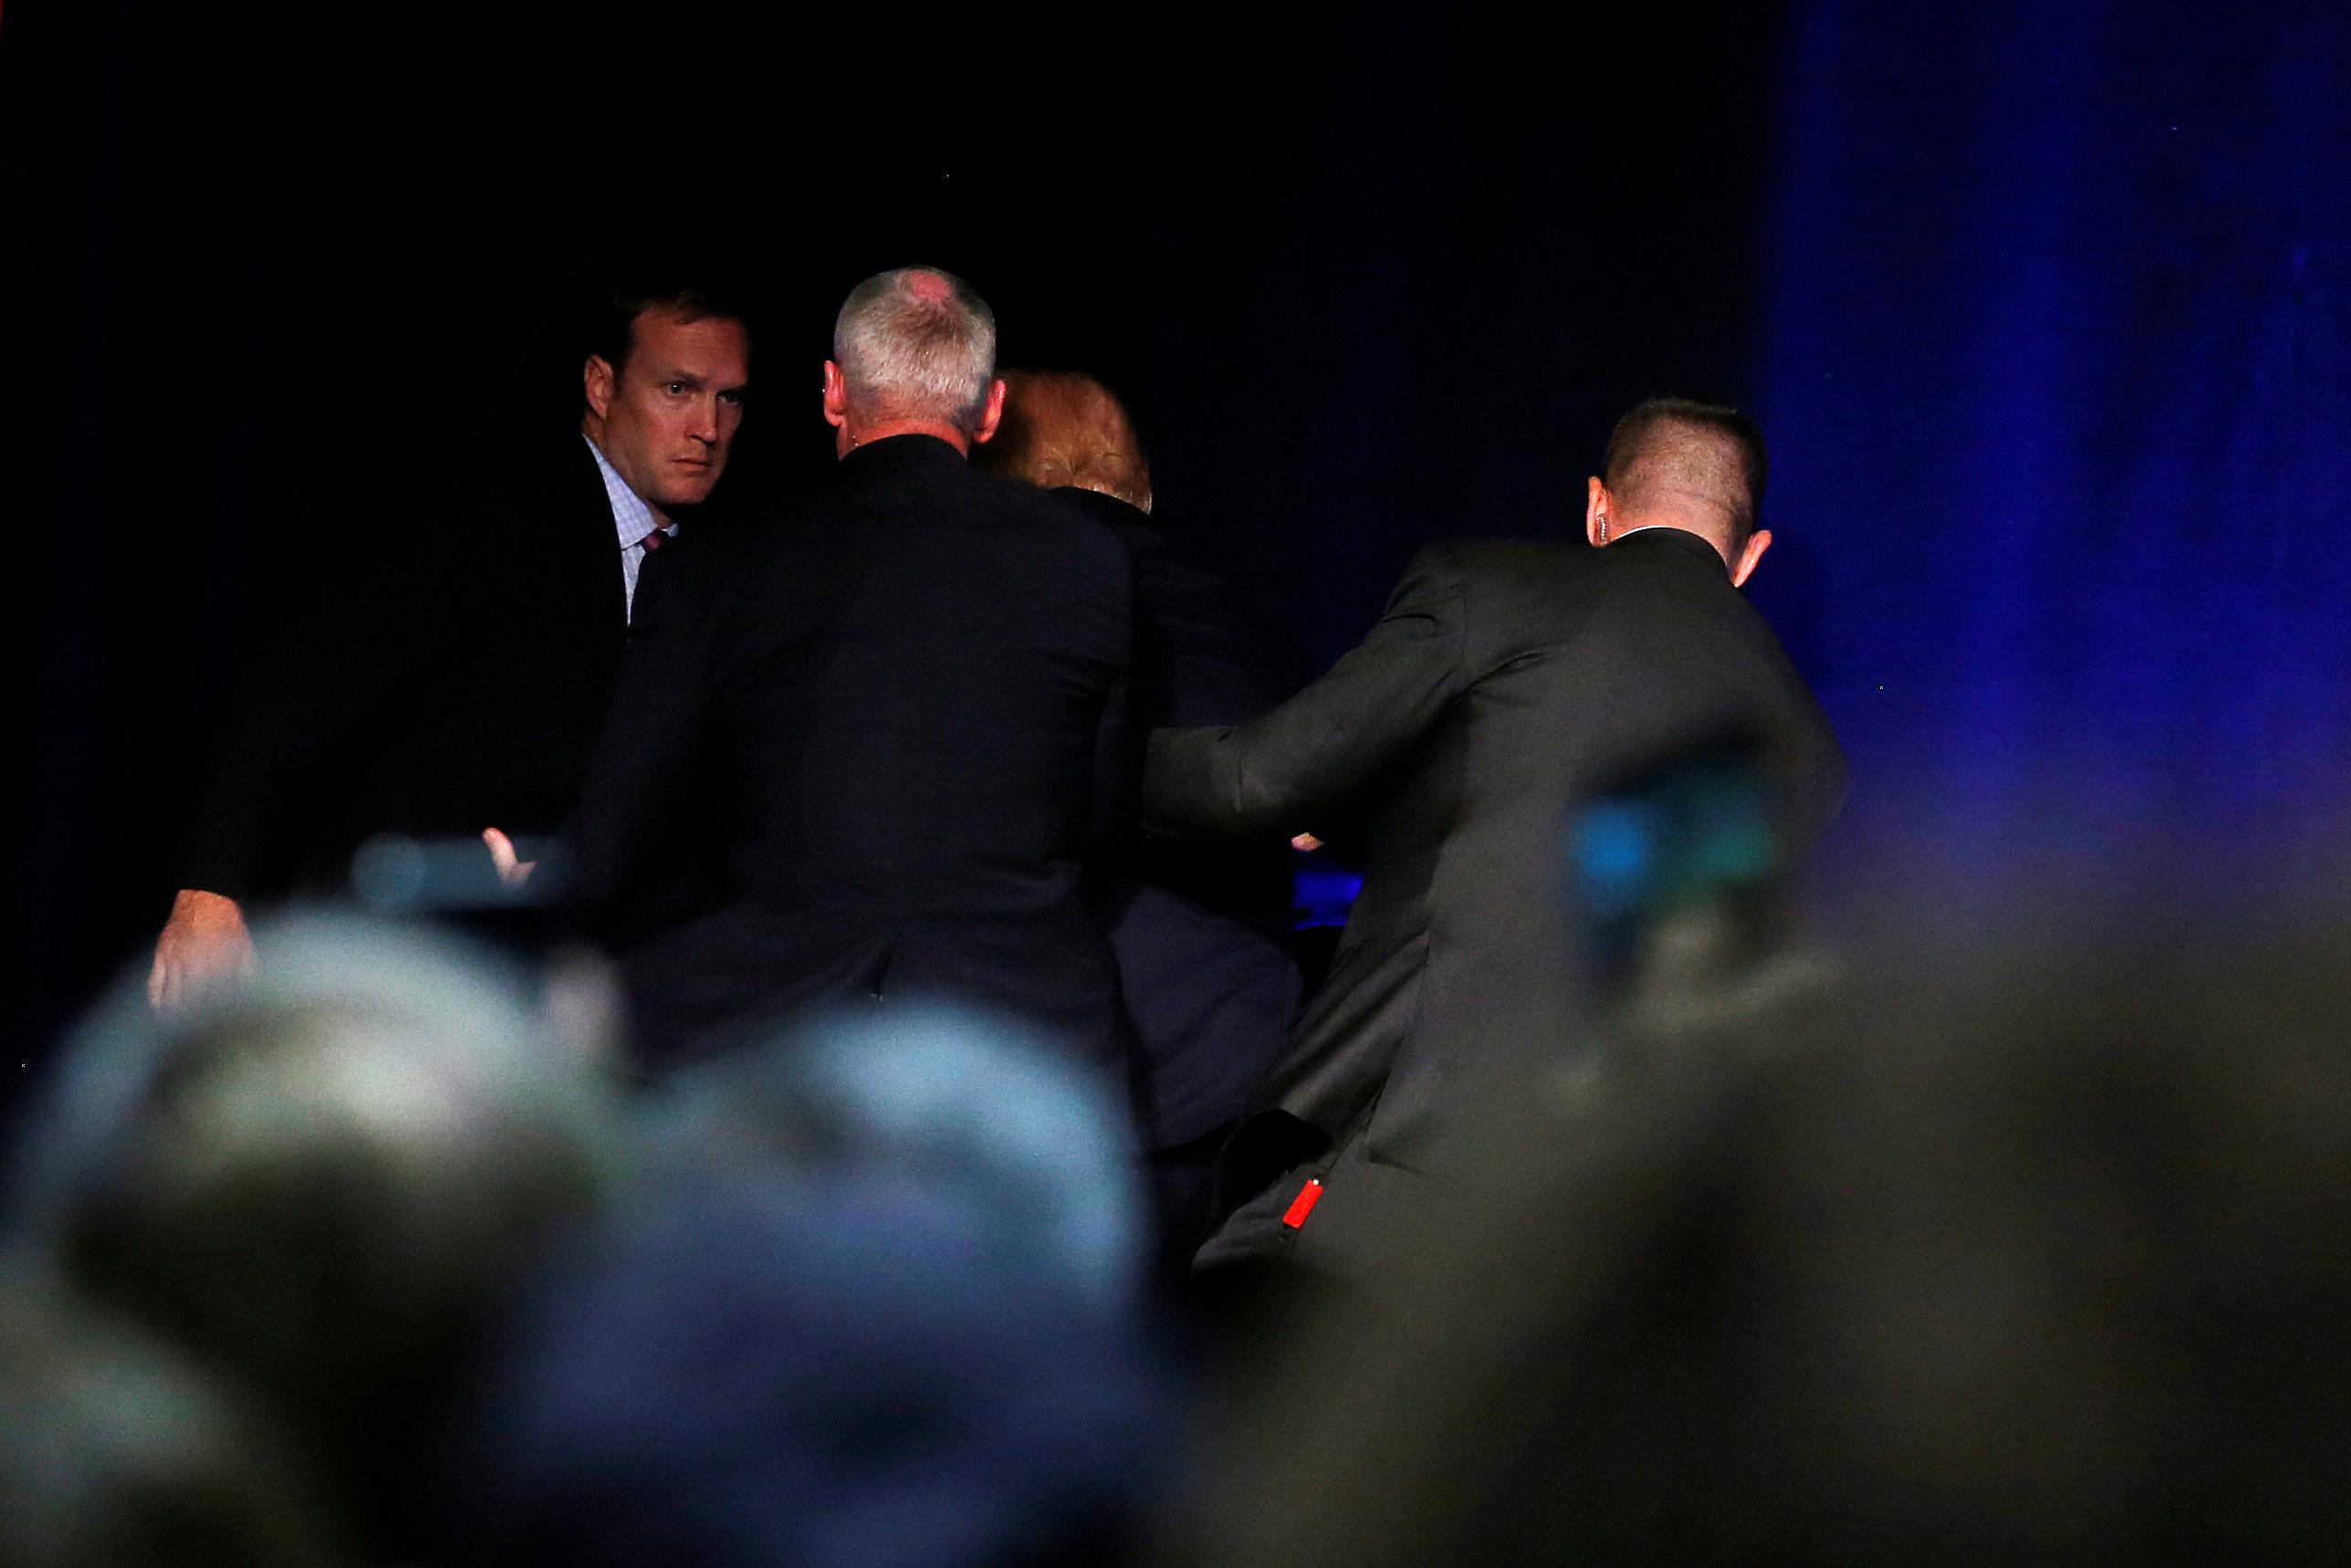 Φυγάδευσαν τον Τραμπ κατά τη διάρκεια προεκλογικής του ομιλίας(BINTEO)